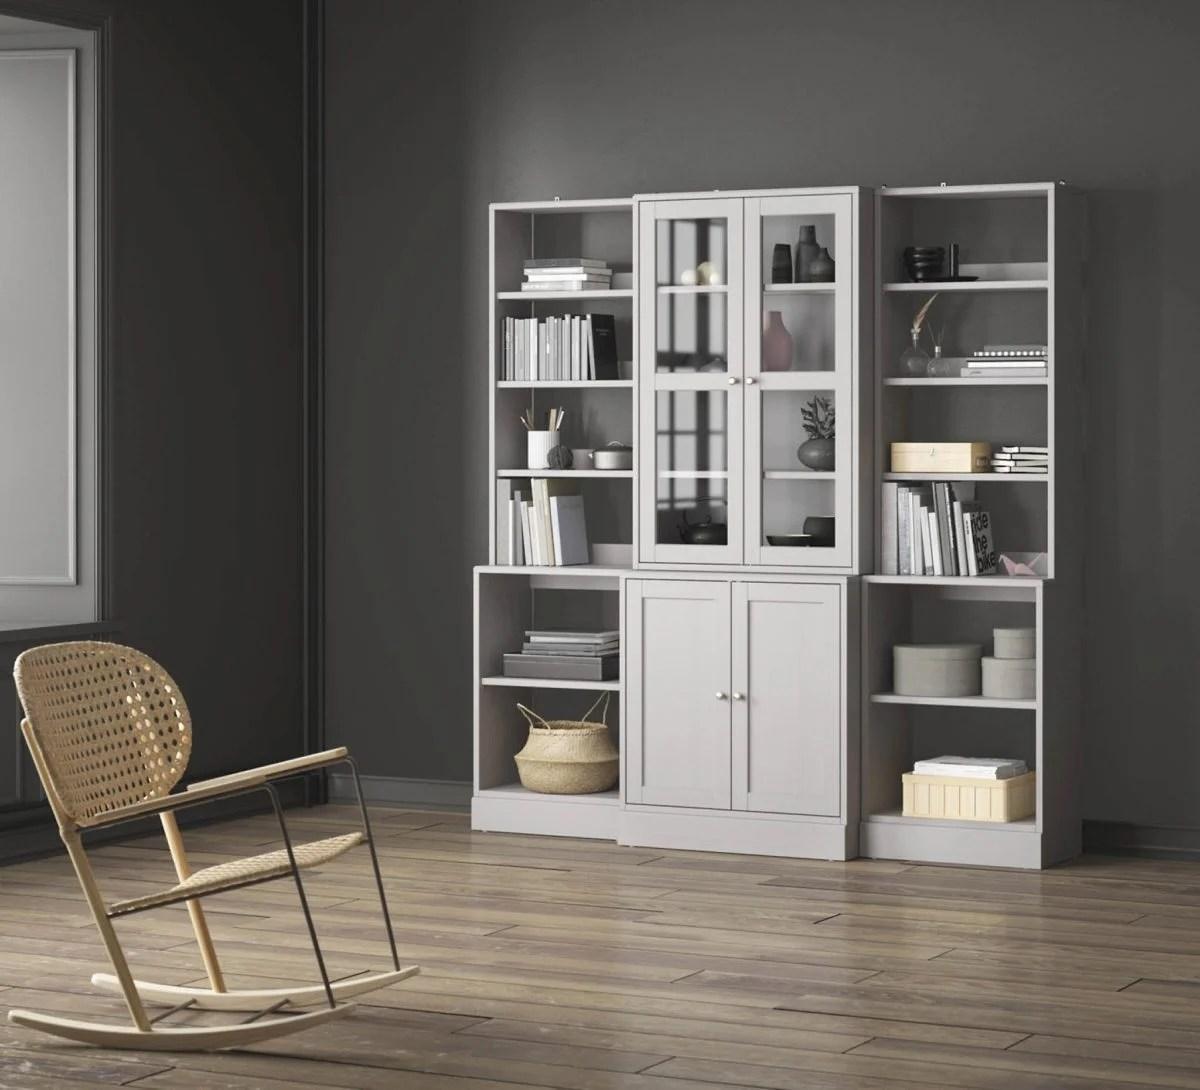 Ikea scaffali soggiorno mensole per soggiorno moderno mobili ingresso con specchiera - Mobili componibili per soggiorno ikea ...